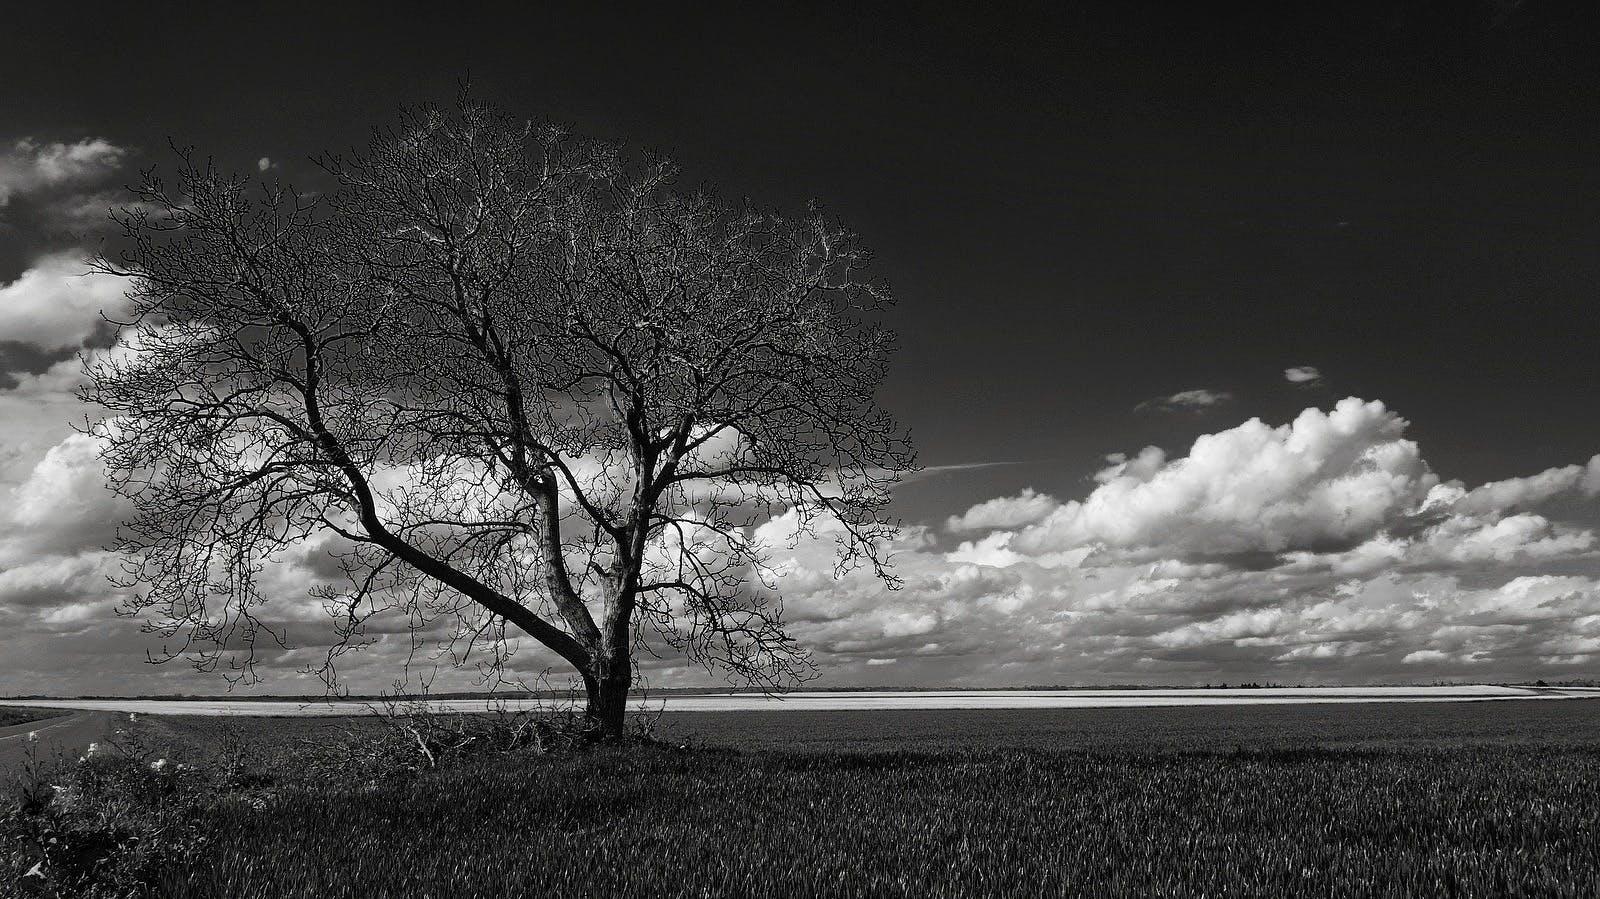 しぼんだ, フィールド, 天気, 嵐の無料の写真素材